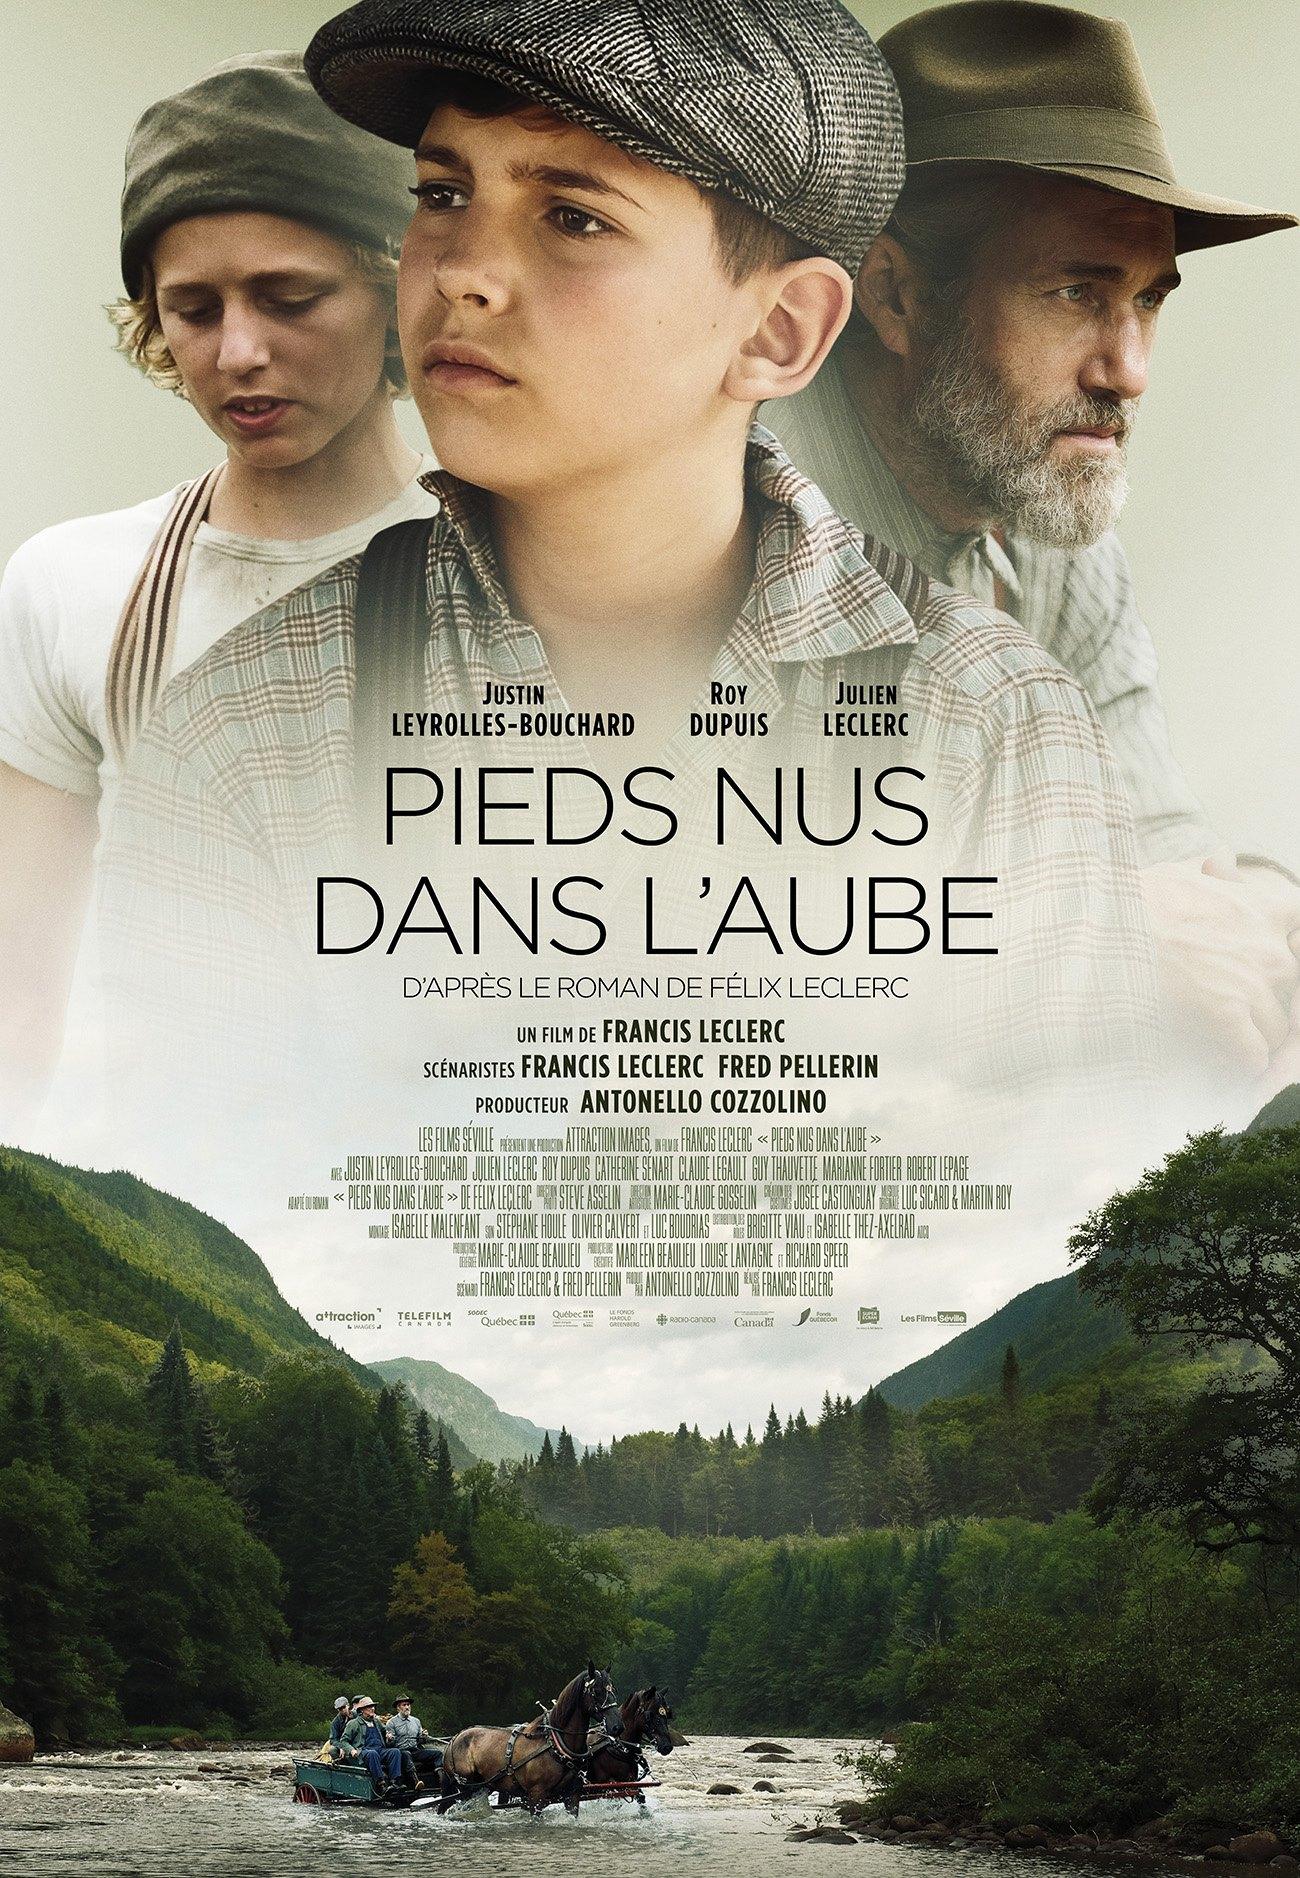 Pieds nus dans l'aube (2017) - IMDb